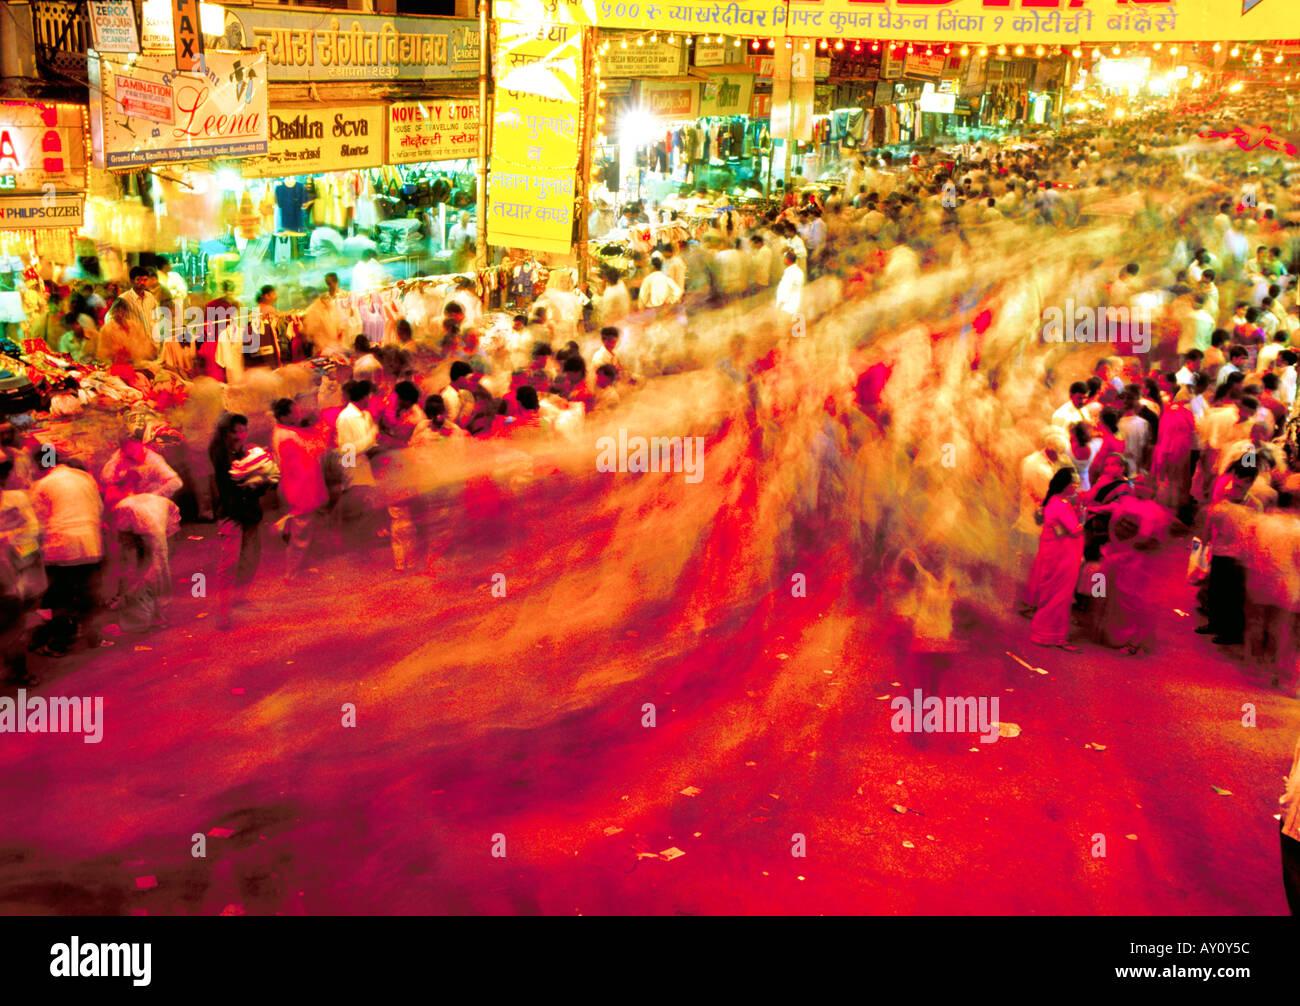 Massen der Käufer beim Abend Einkaufen bei Dadar West Street Market. Nachtaufnahme Mumbai Indien Asien Stockbild